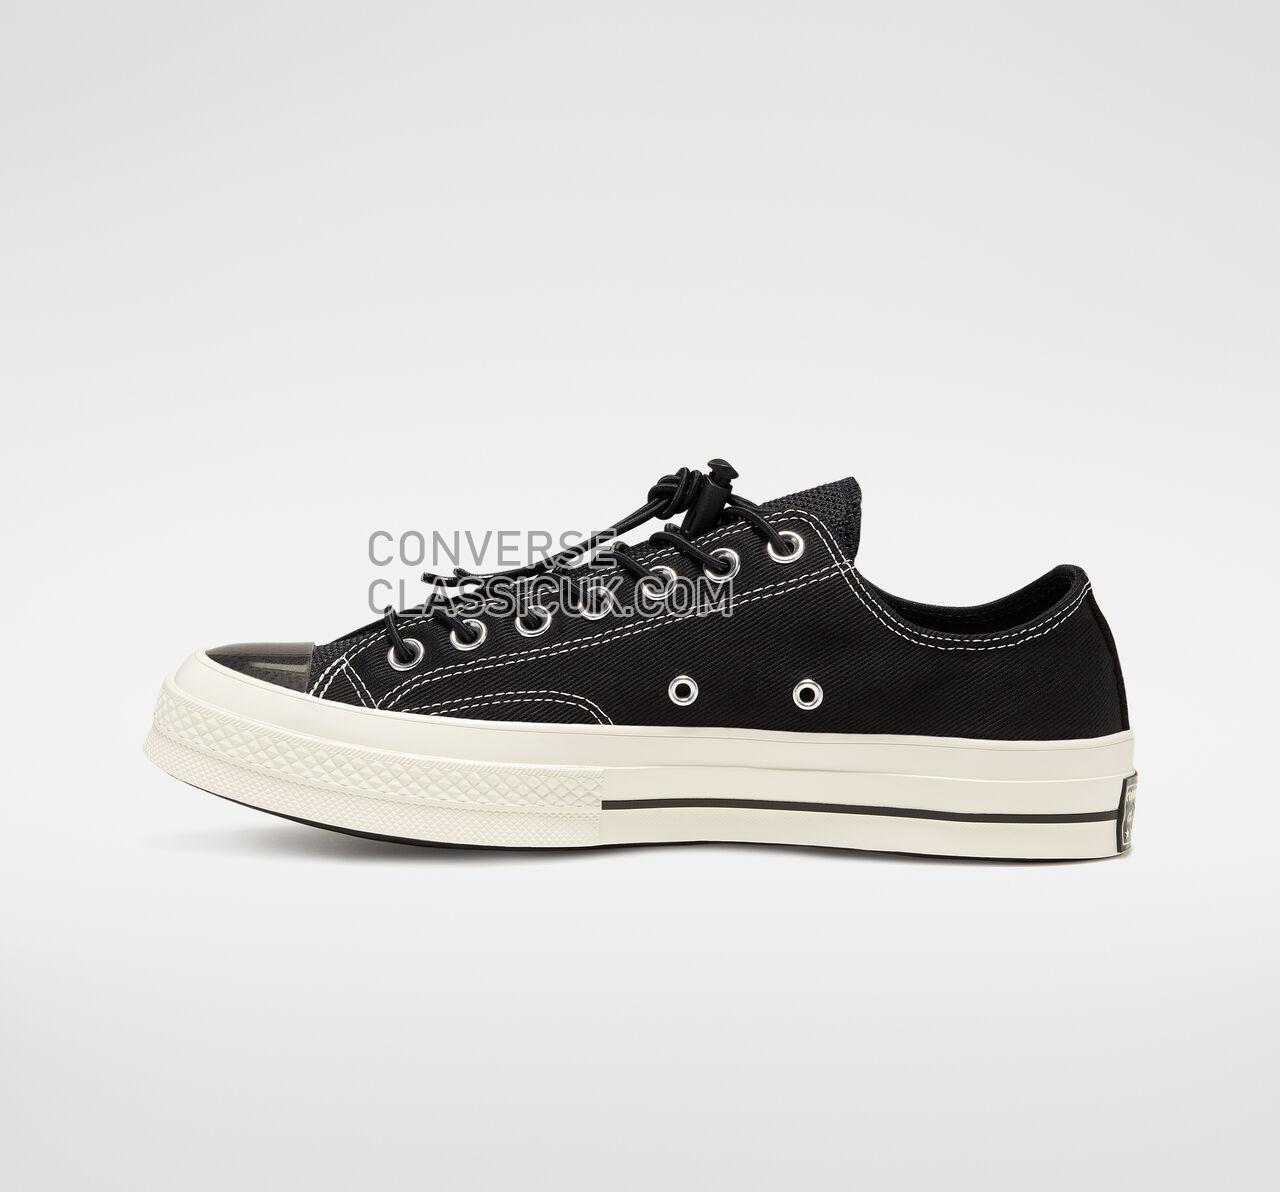 Converse Chuck 70 Space Racer Low Top Mens Womens Unisex 165471C Black/Black/Egret Shoes